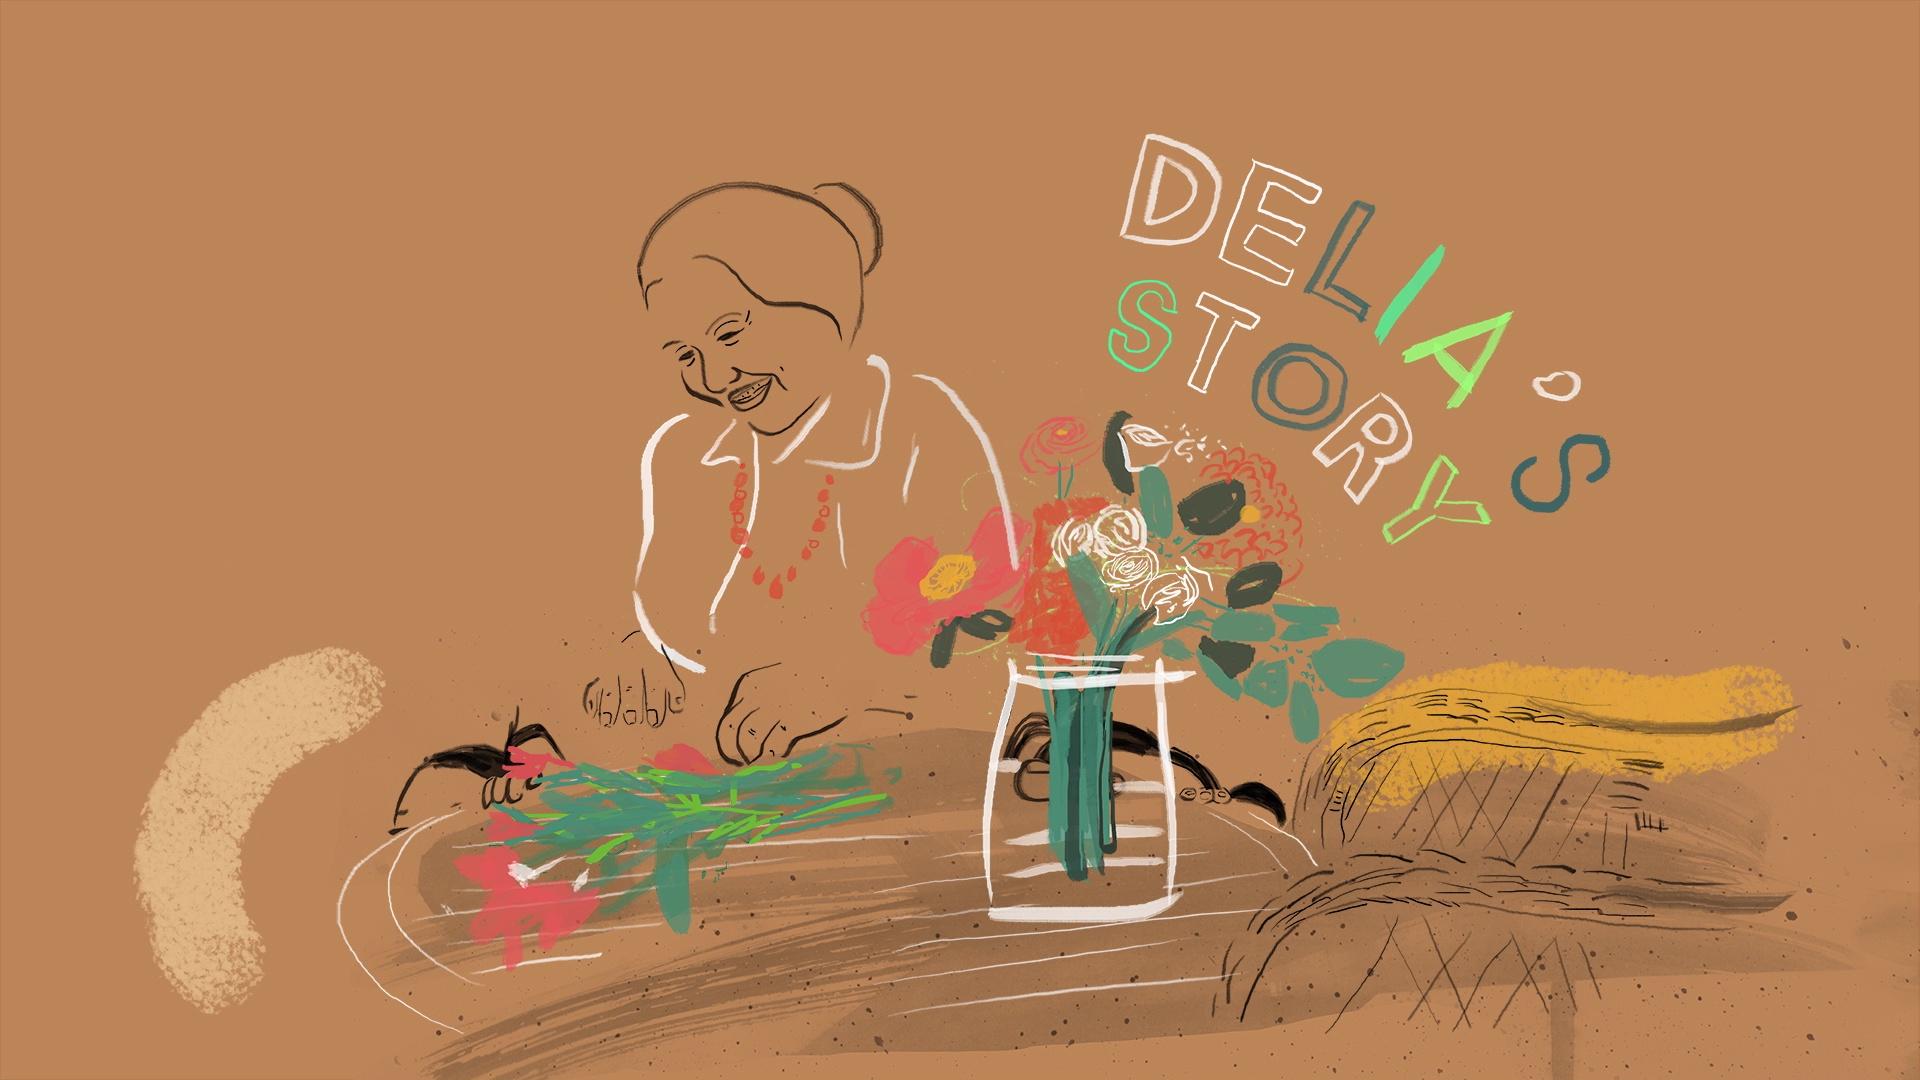 Delia's Story